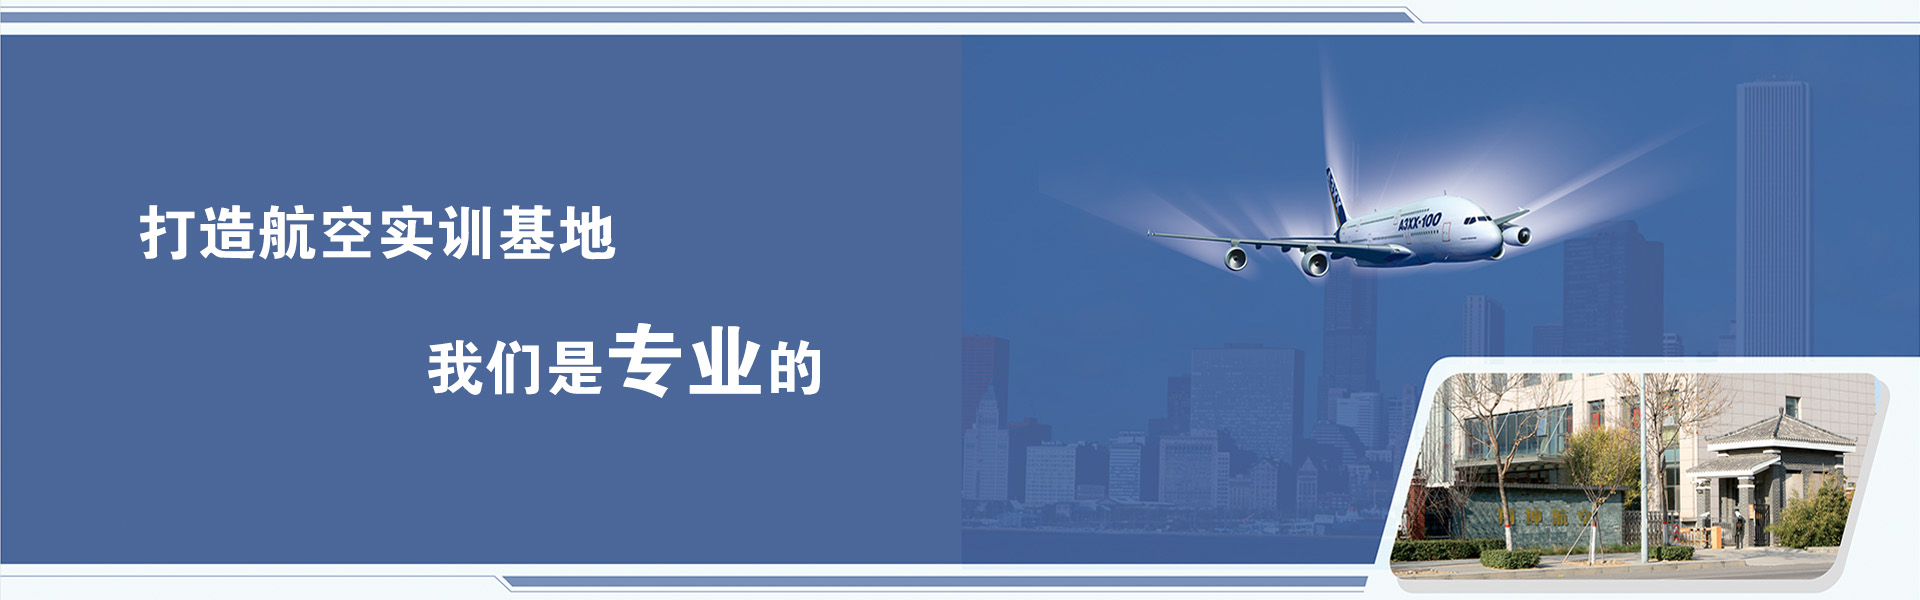 航空模拟设备